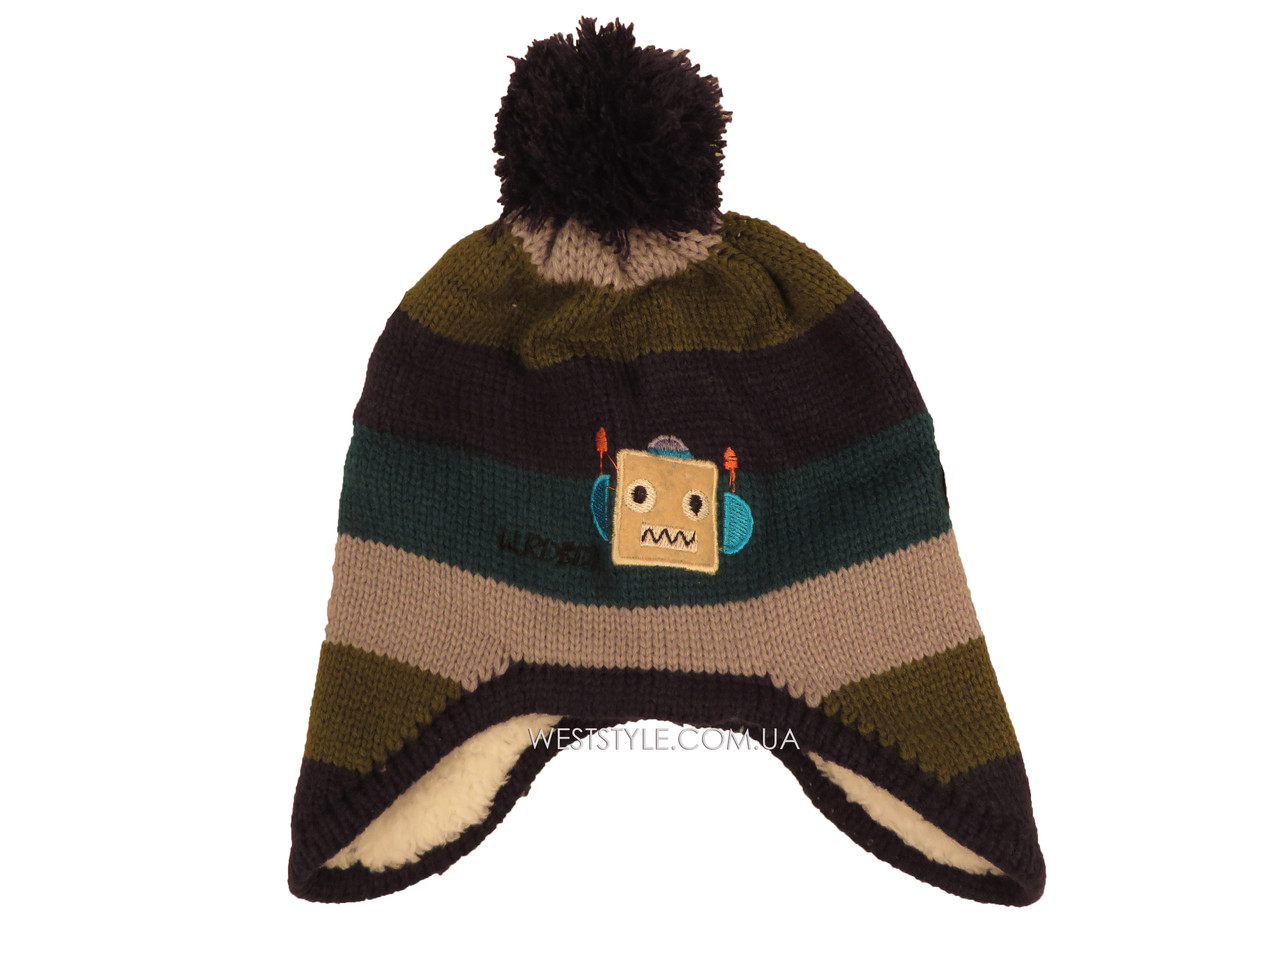 Детская вязаная шапка с темно-синим помпоном